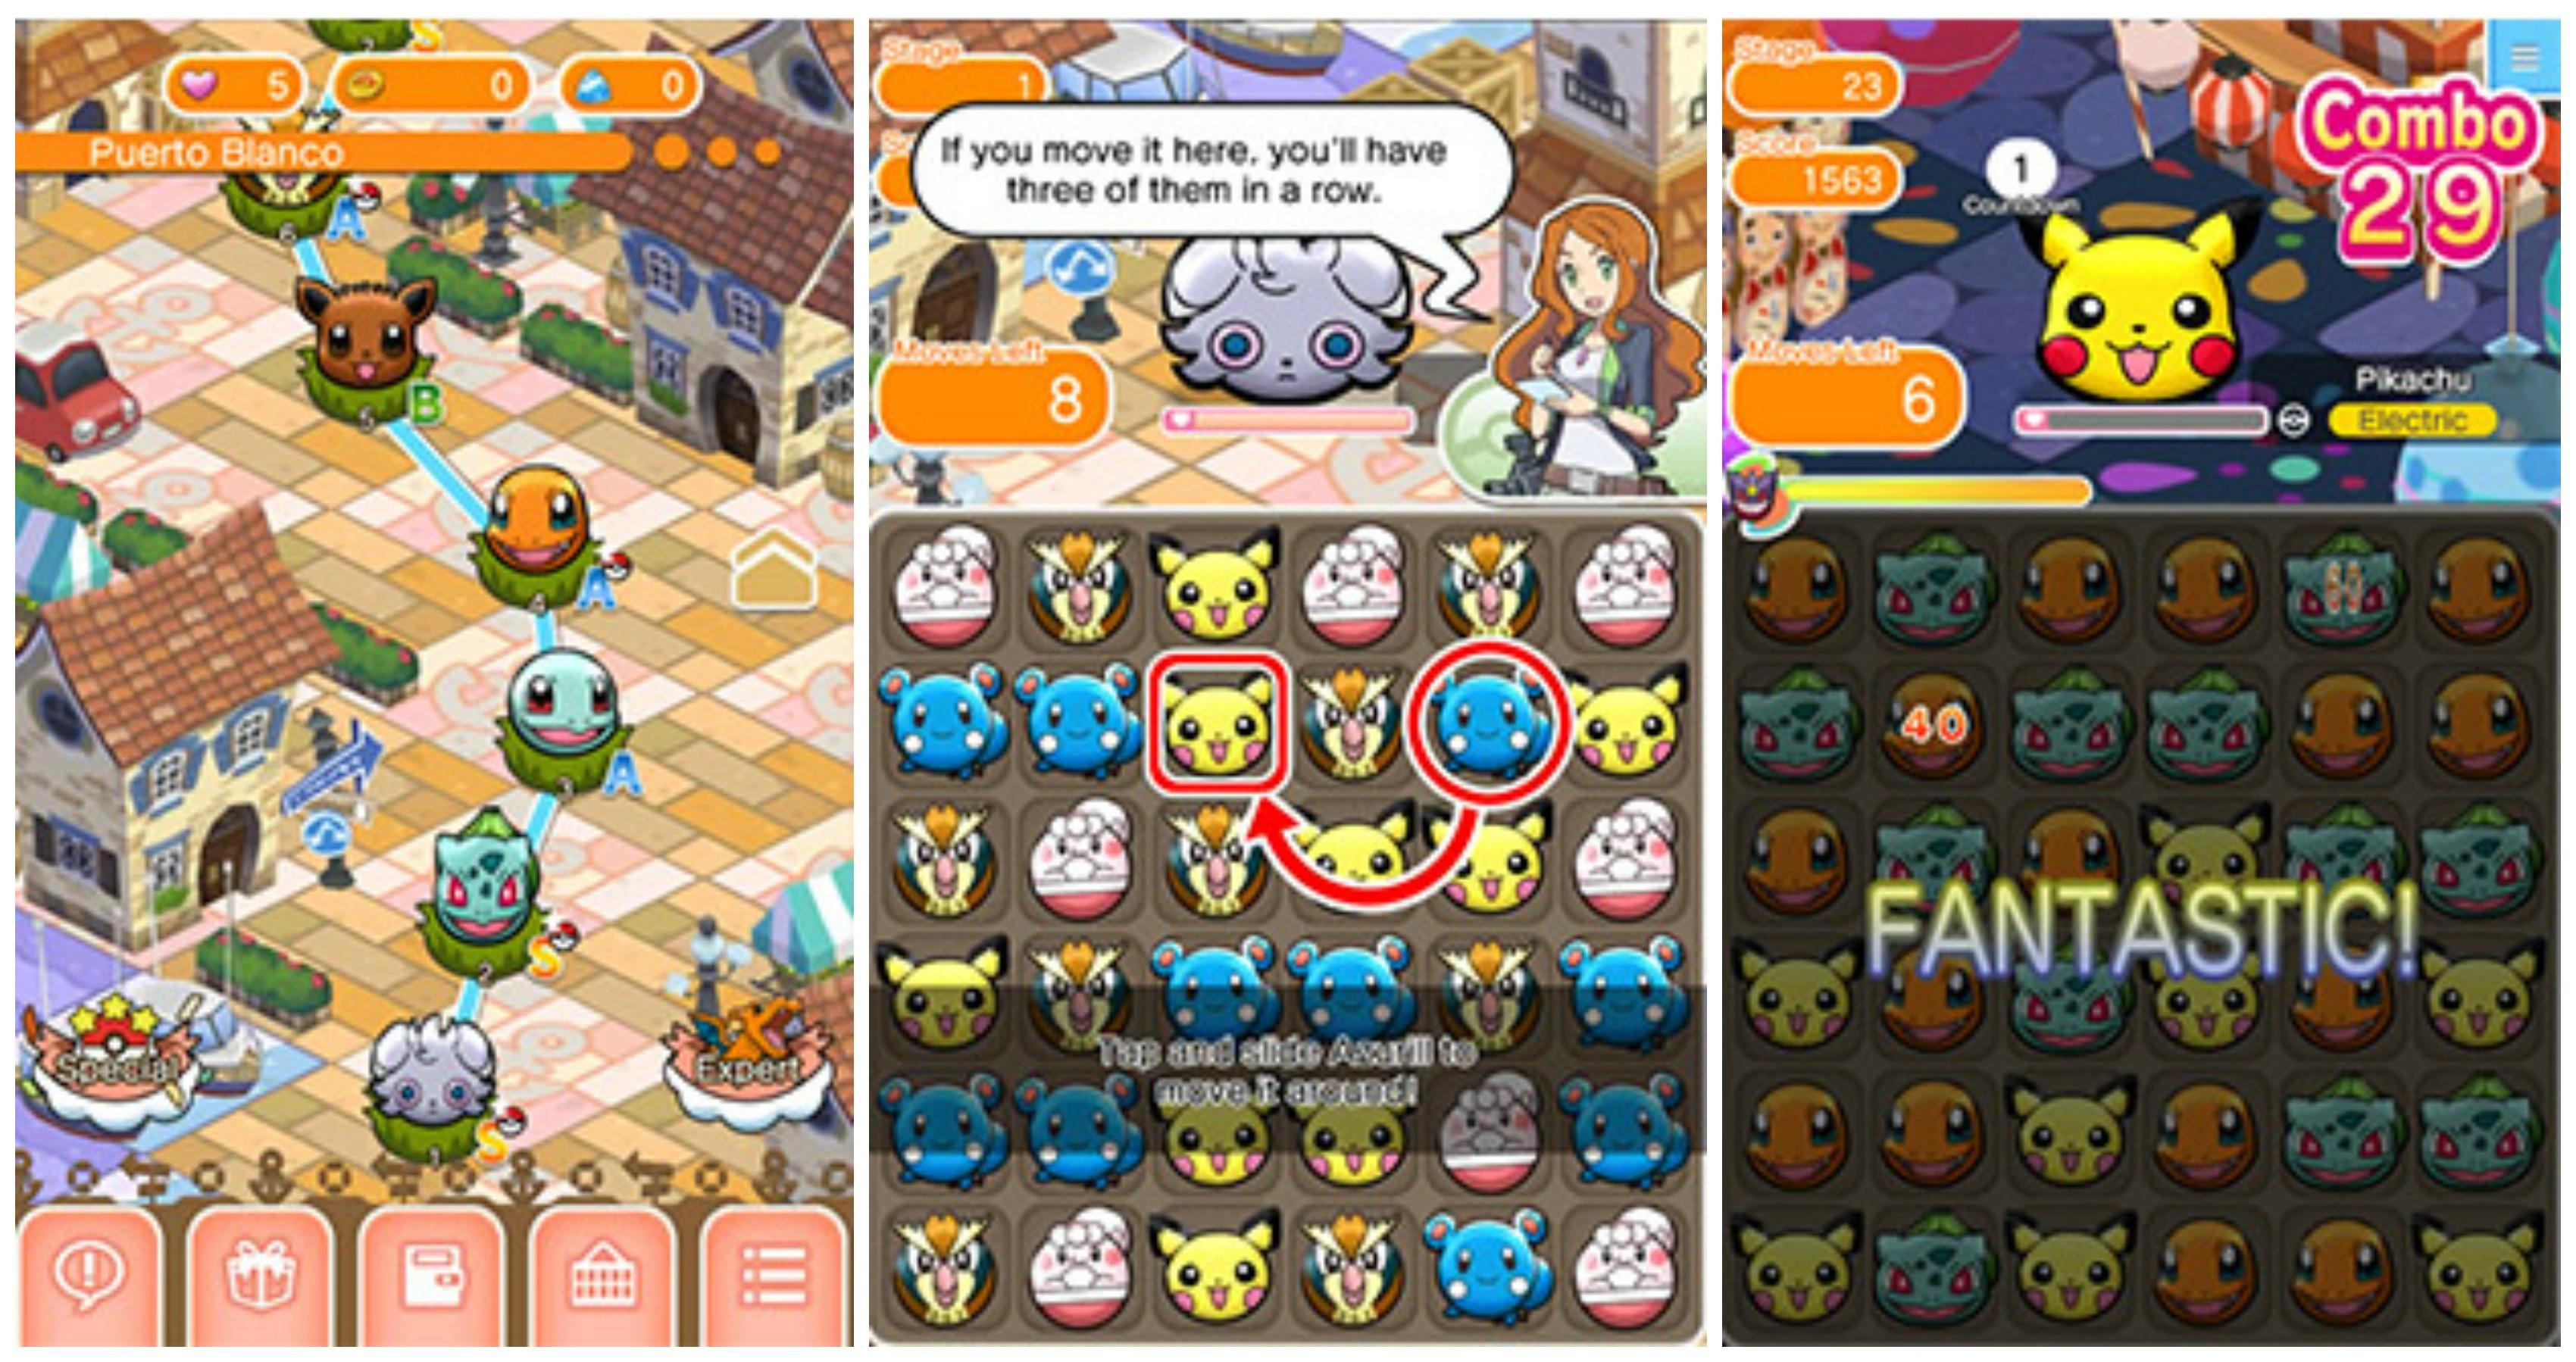 kbp_pokemonshuffle_game1